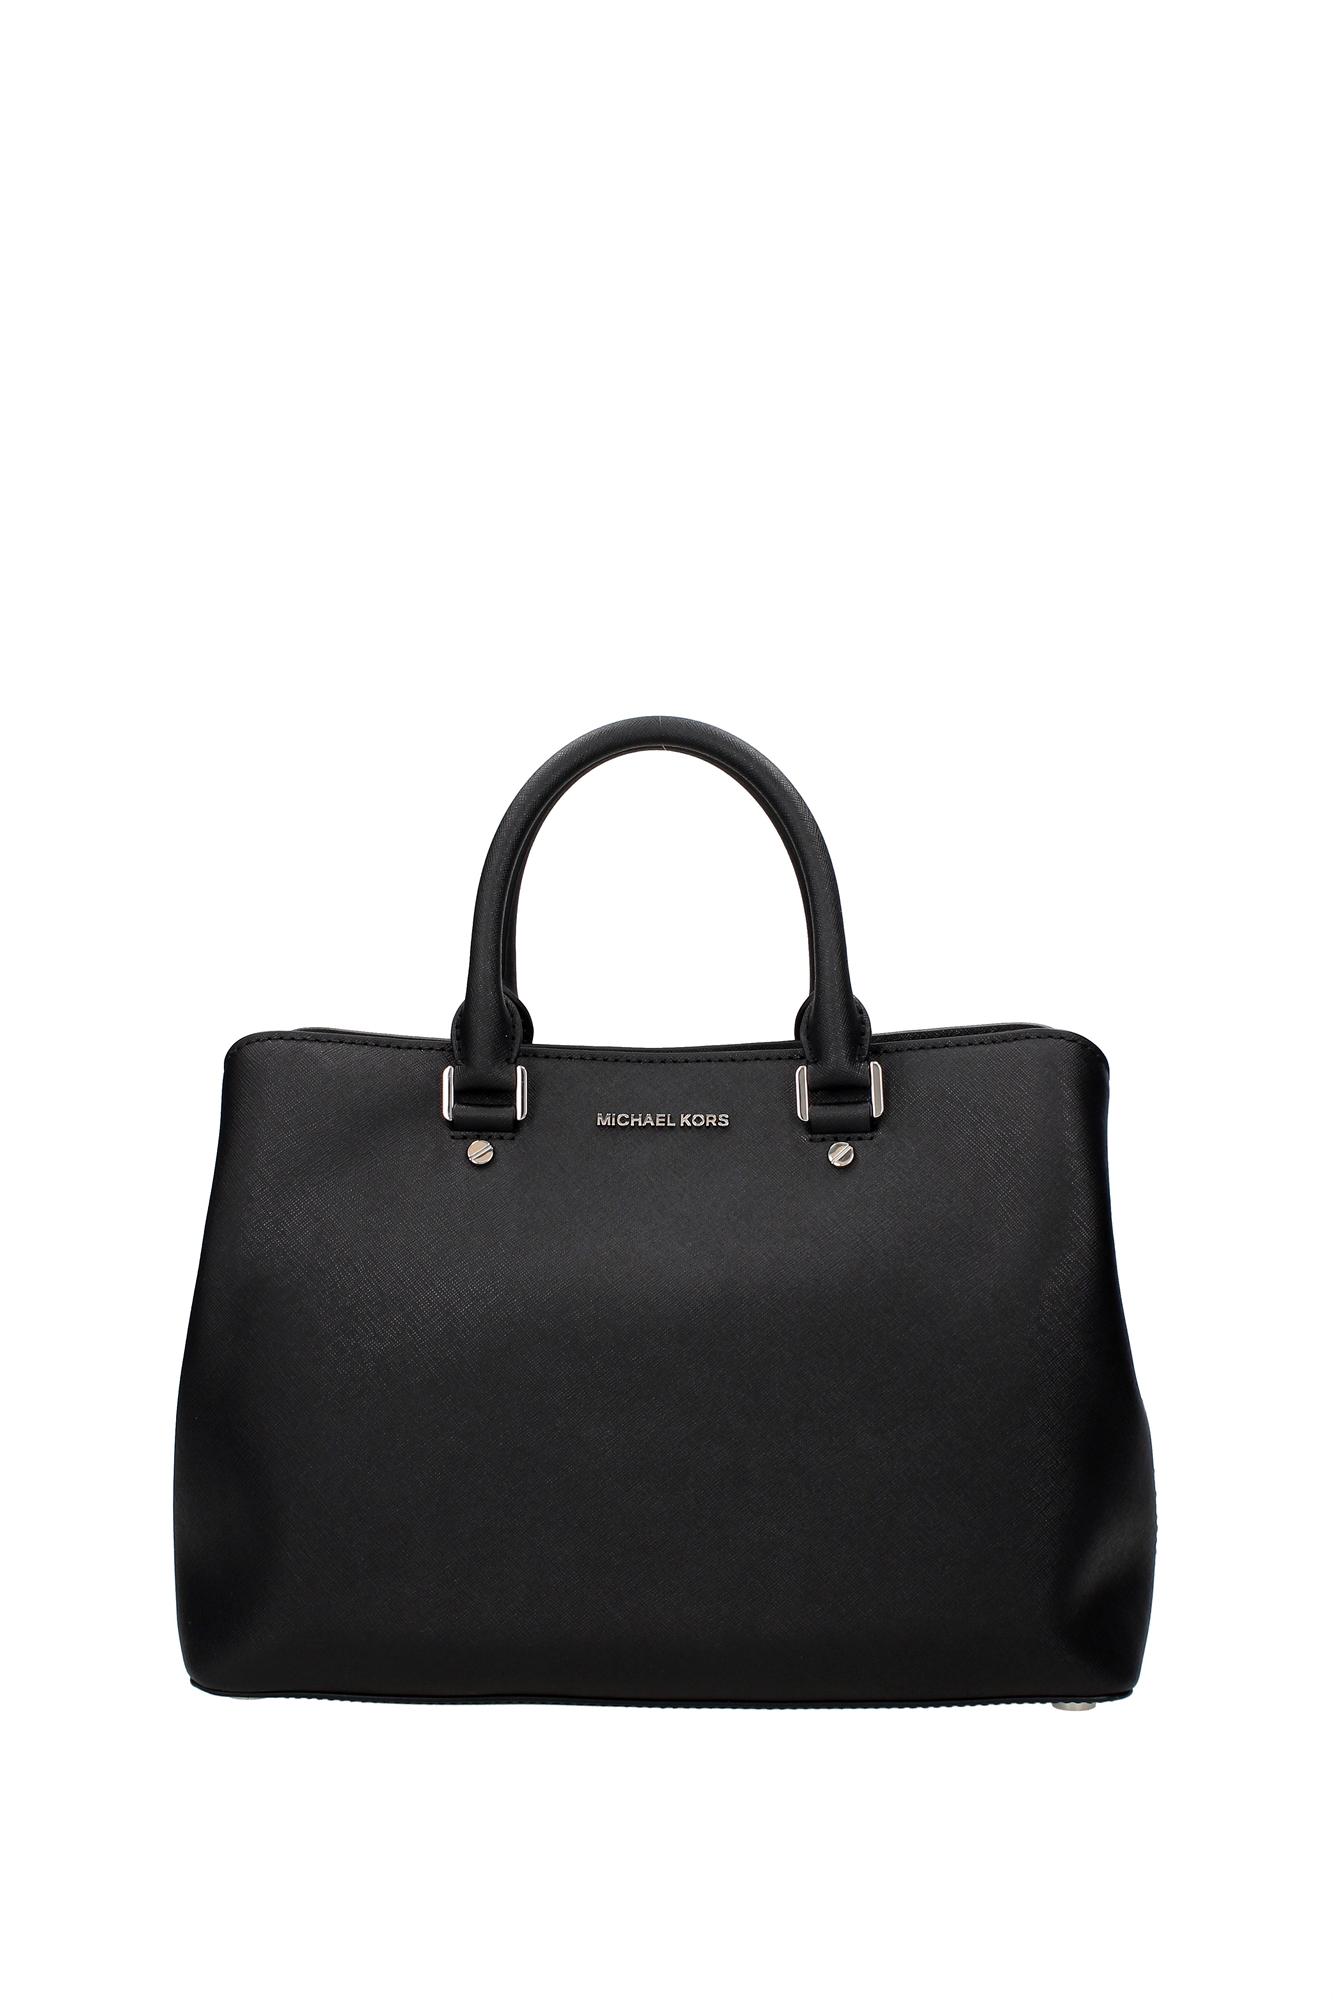 handtasche michael kors damen leder schwarz 30s6ss7s3lblack ebay. Black Bedroom Furniture Sets. Home Design Ideas